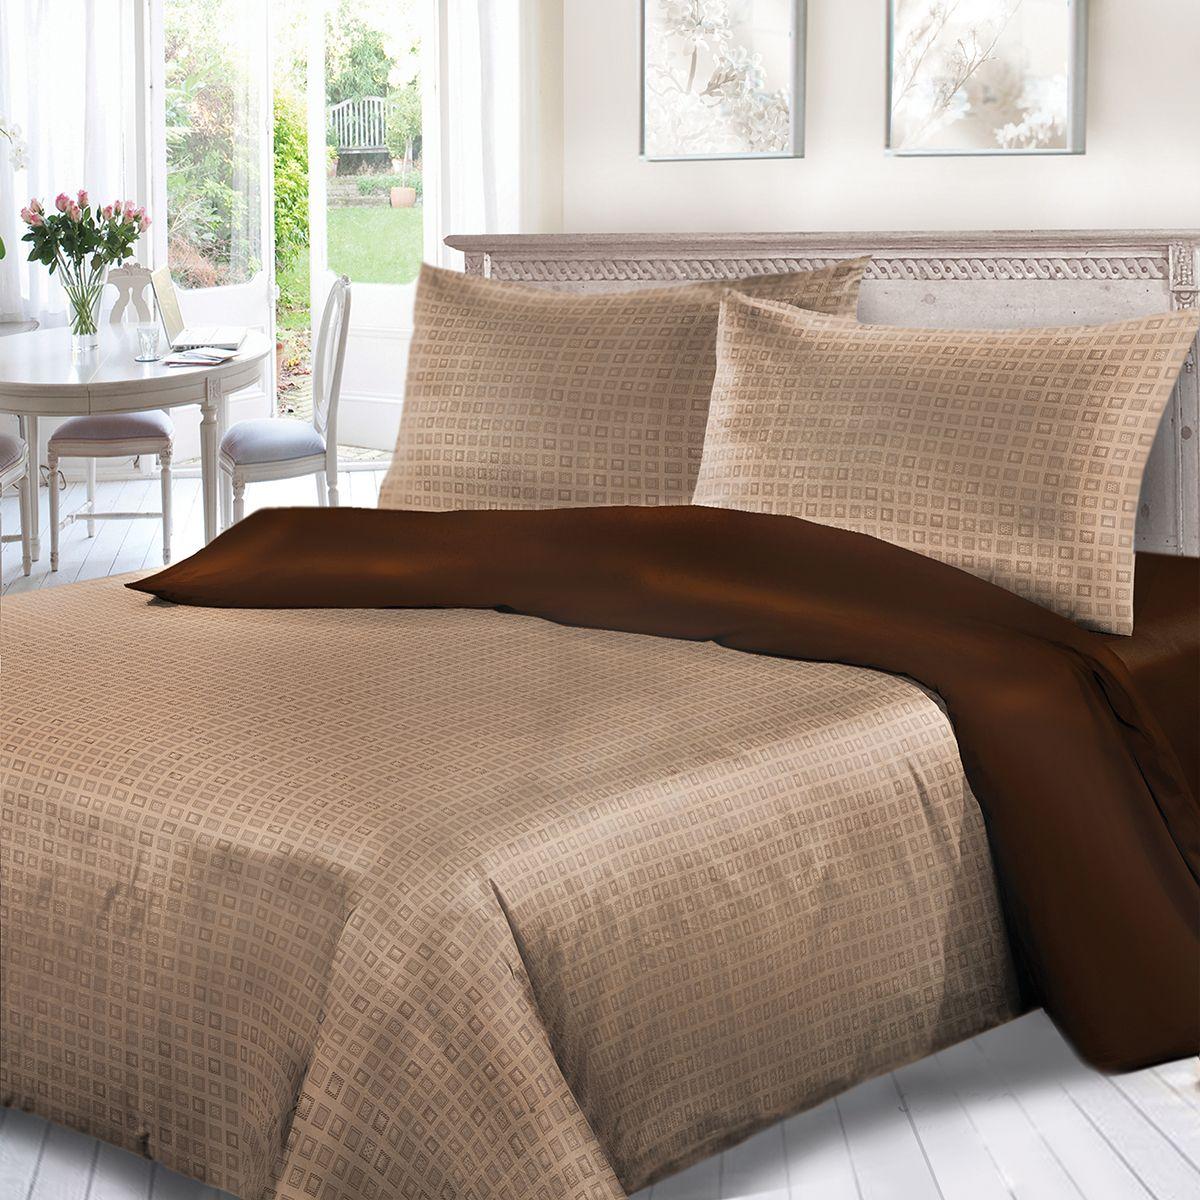 Комплект белья Сорренто Капитолий, 2-х спальное, наволочки 70x70, цвет: коричневый. 3556-280251